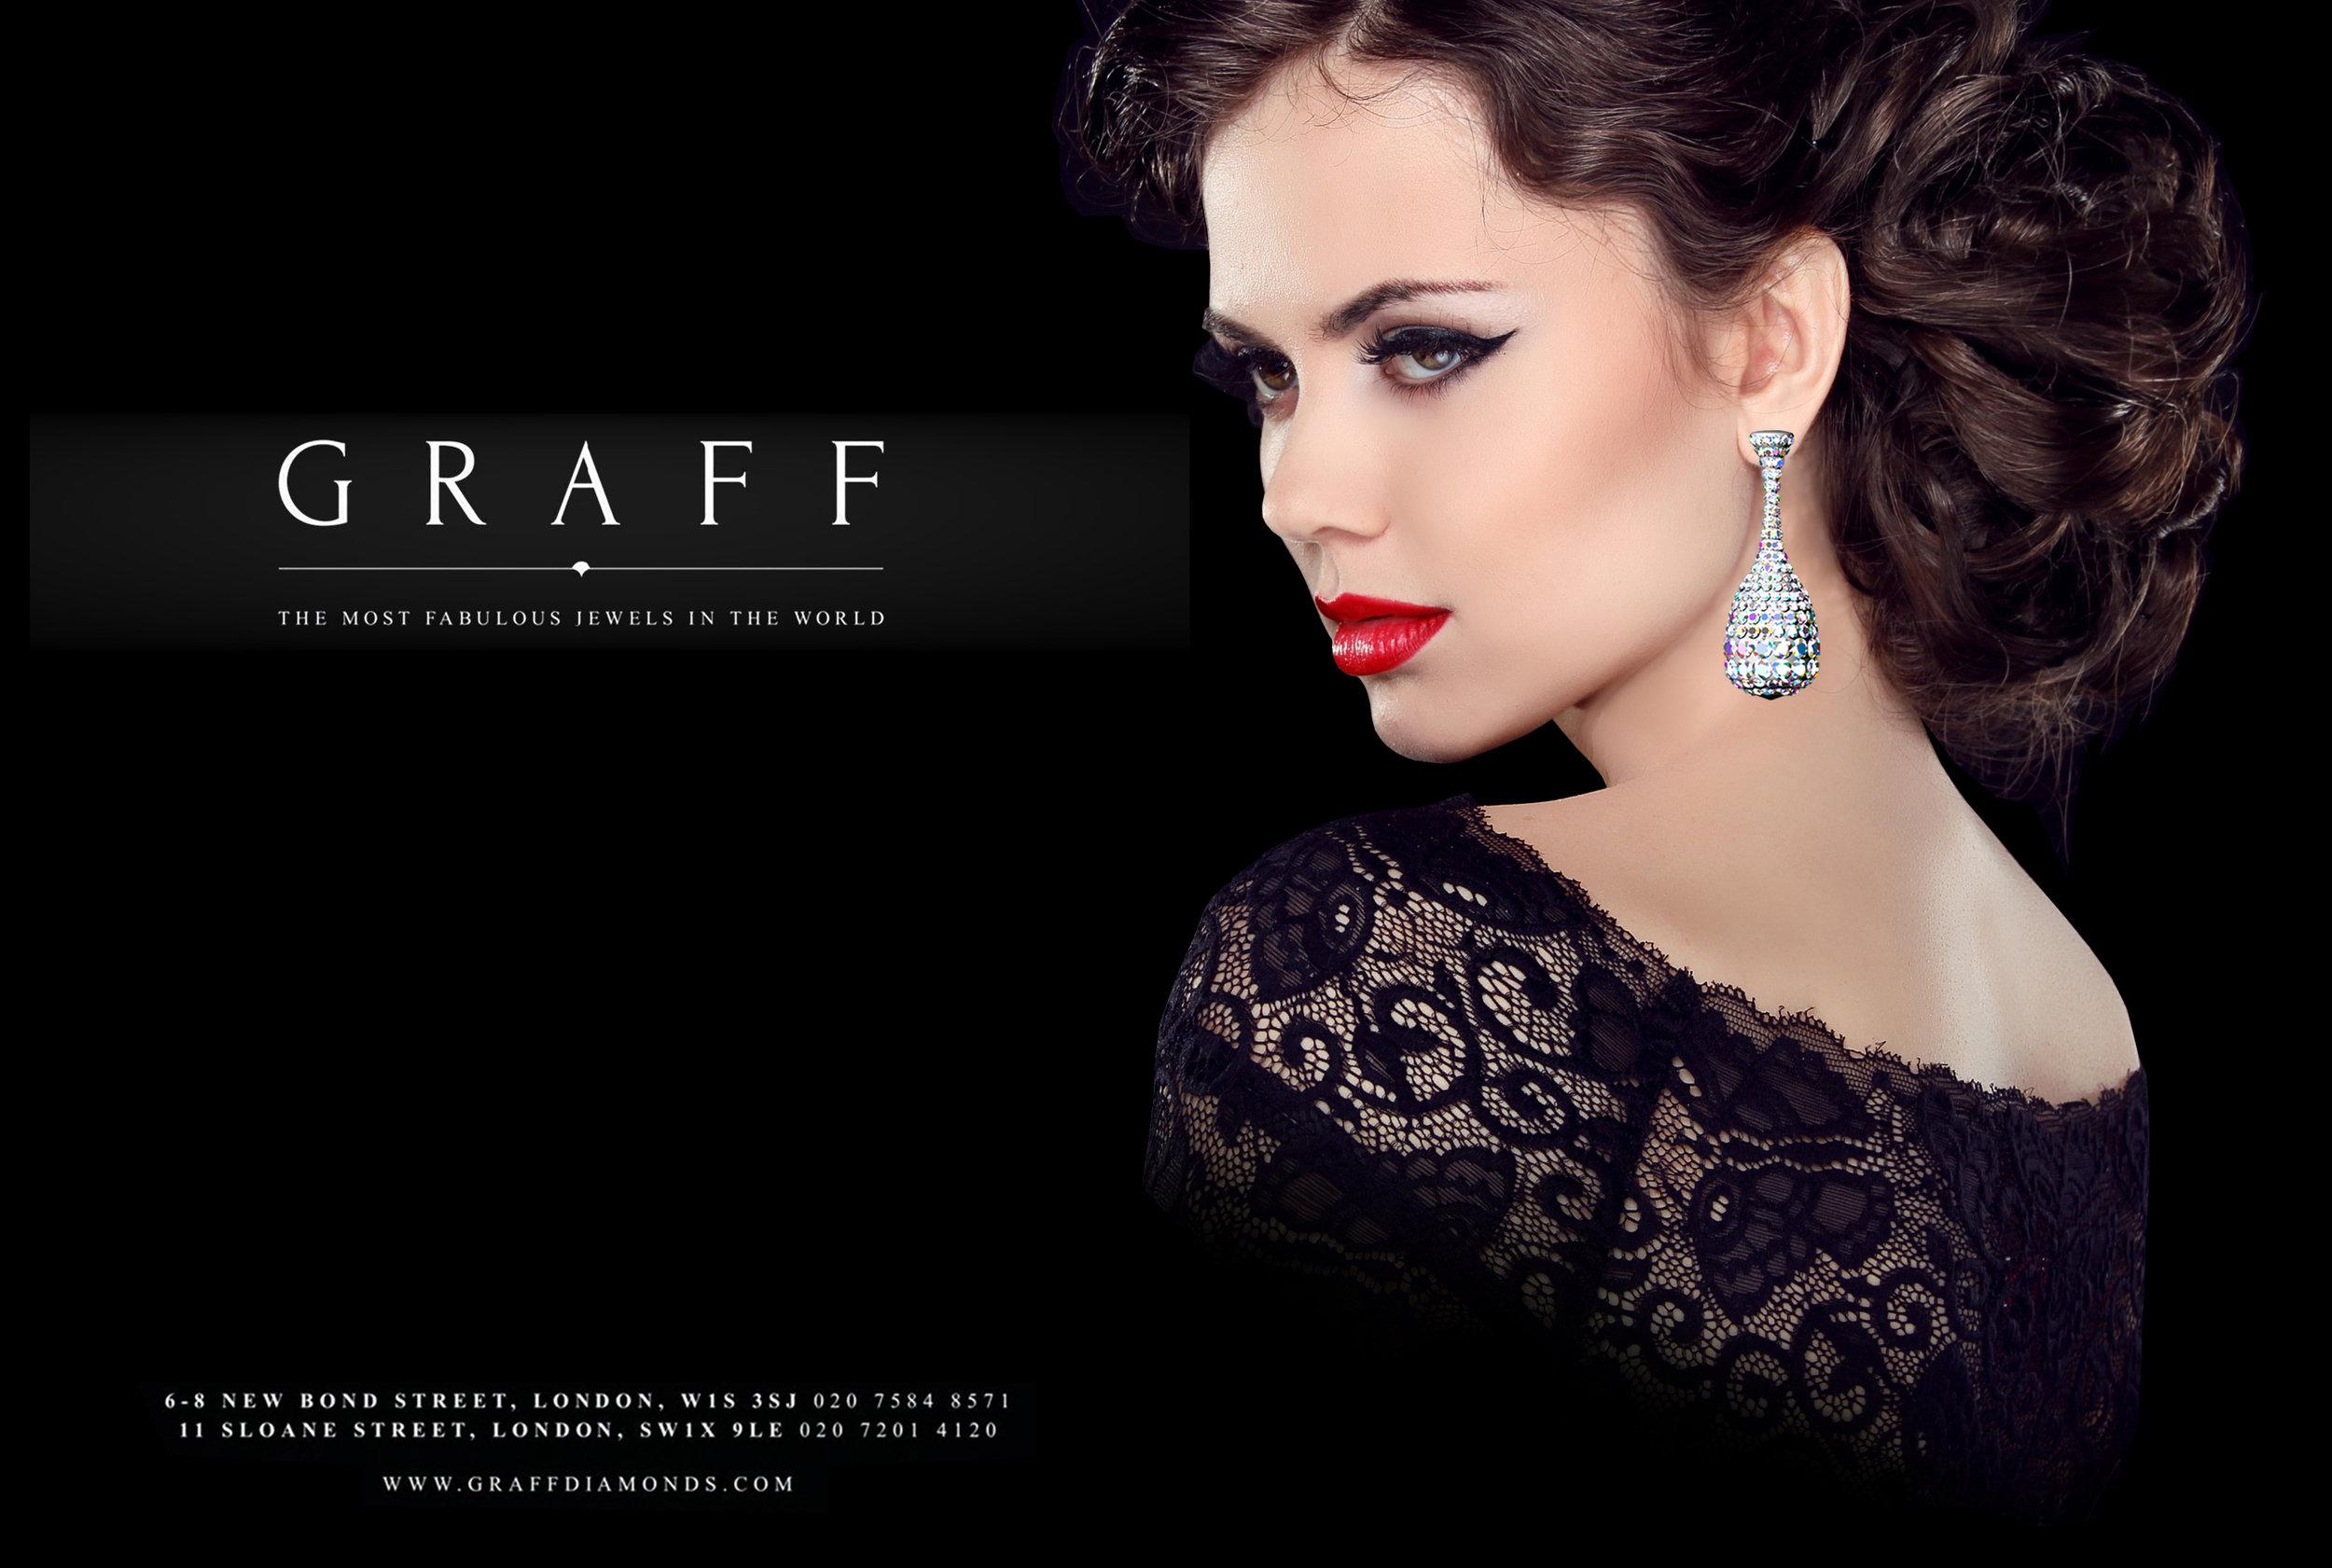 GraffAd1_2.jpg